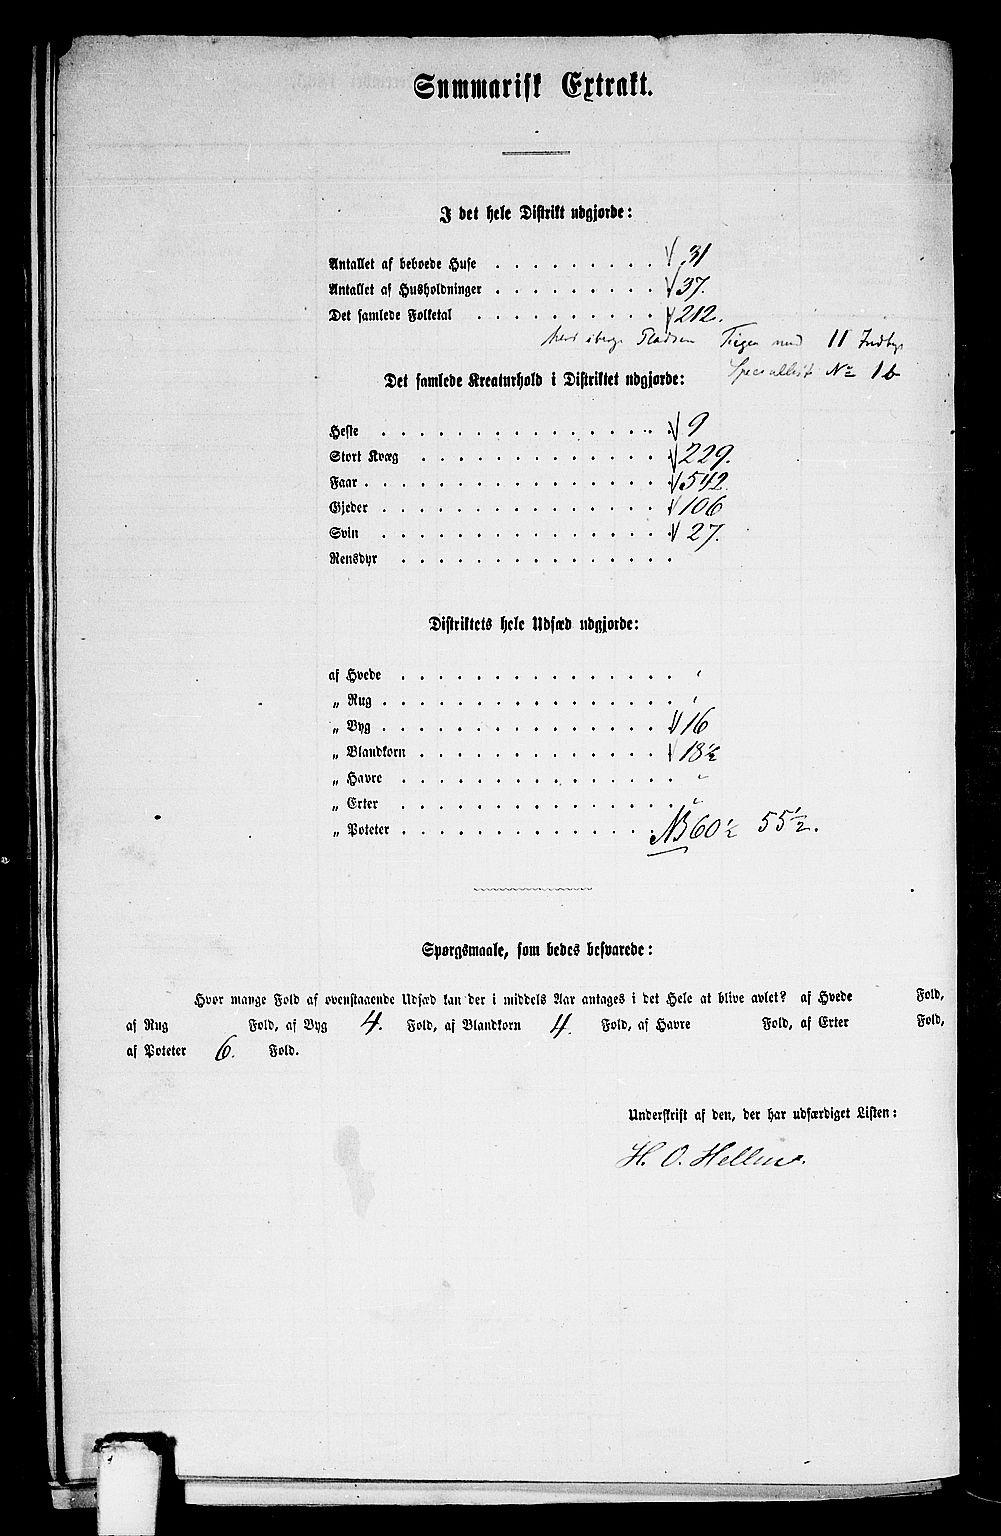 RA, Folketelling 1865 for 1418P Balestrand prestegjeld, 1865, s. 62